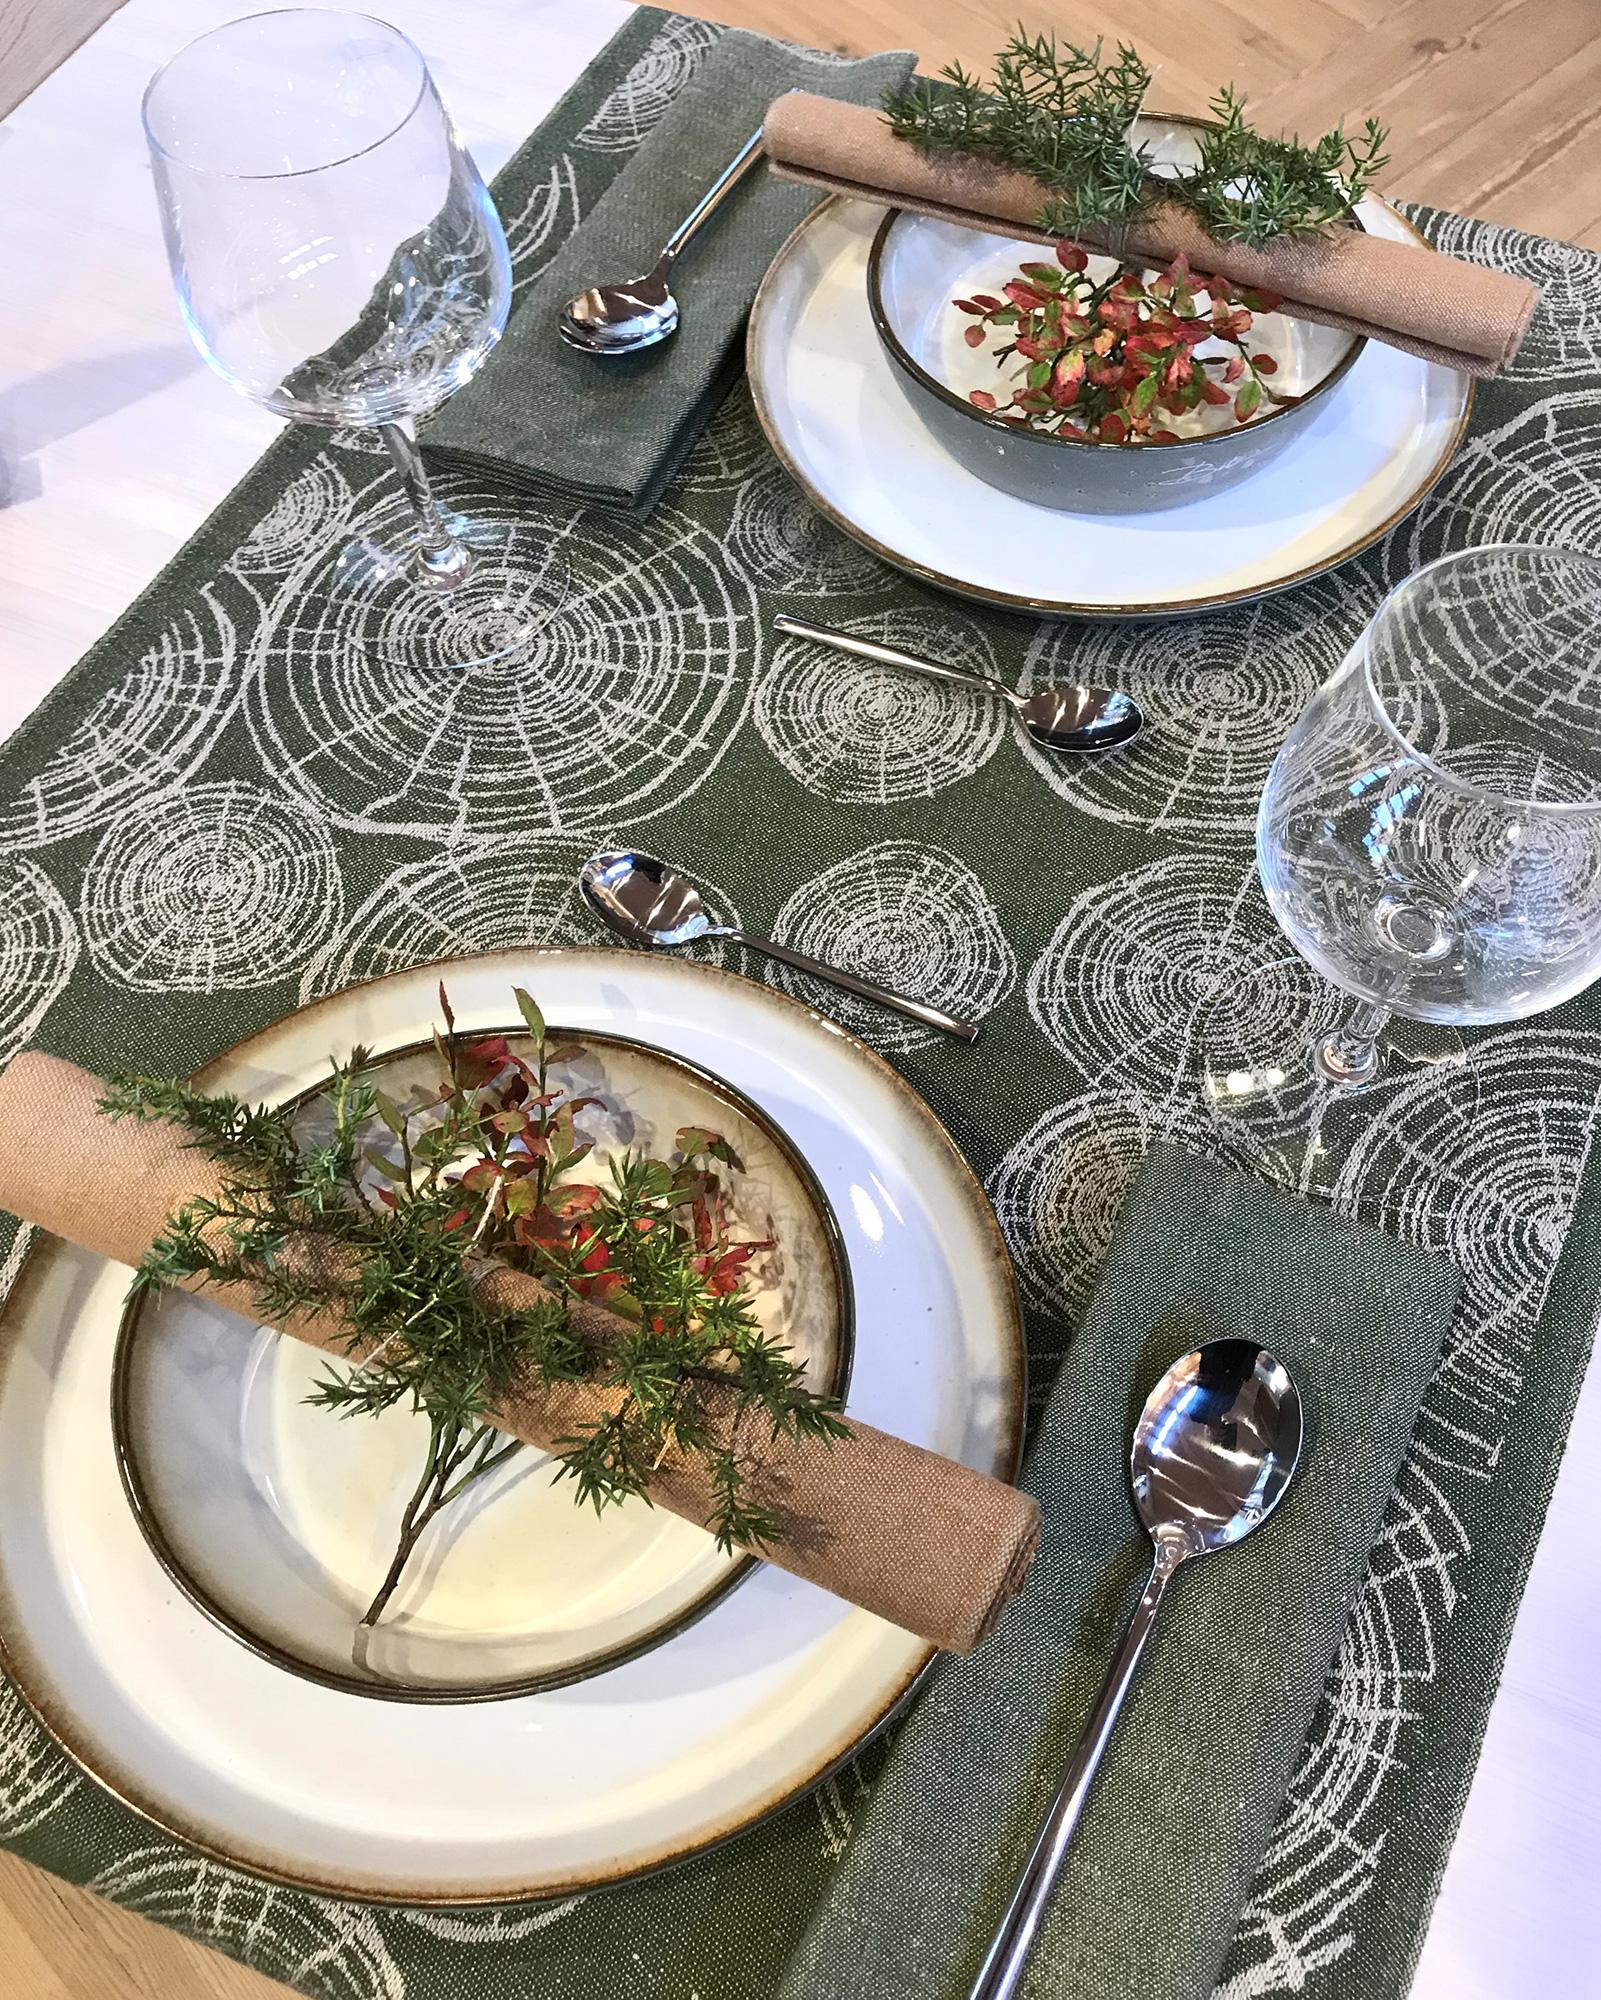 Timmervälta bordslöpare Mossgrön och rostbrun Satin servett